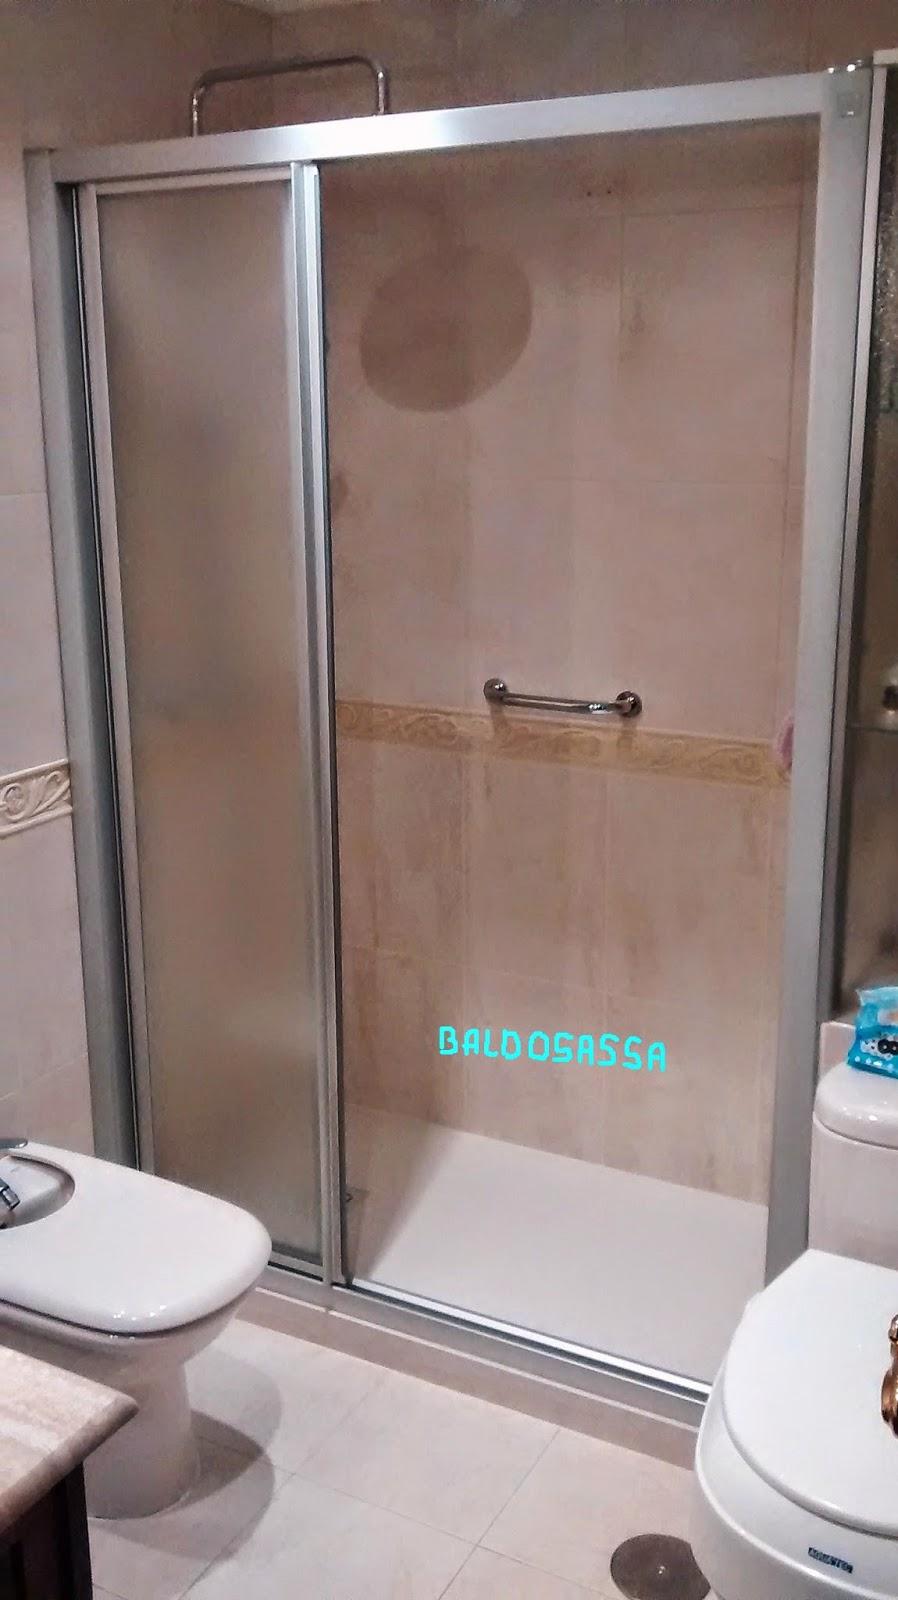 Baldosassa cambio de ba era por plato de ducha for Agarradores de ducha